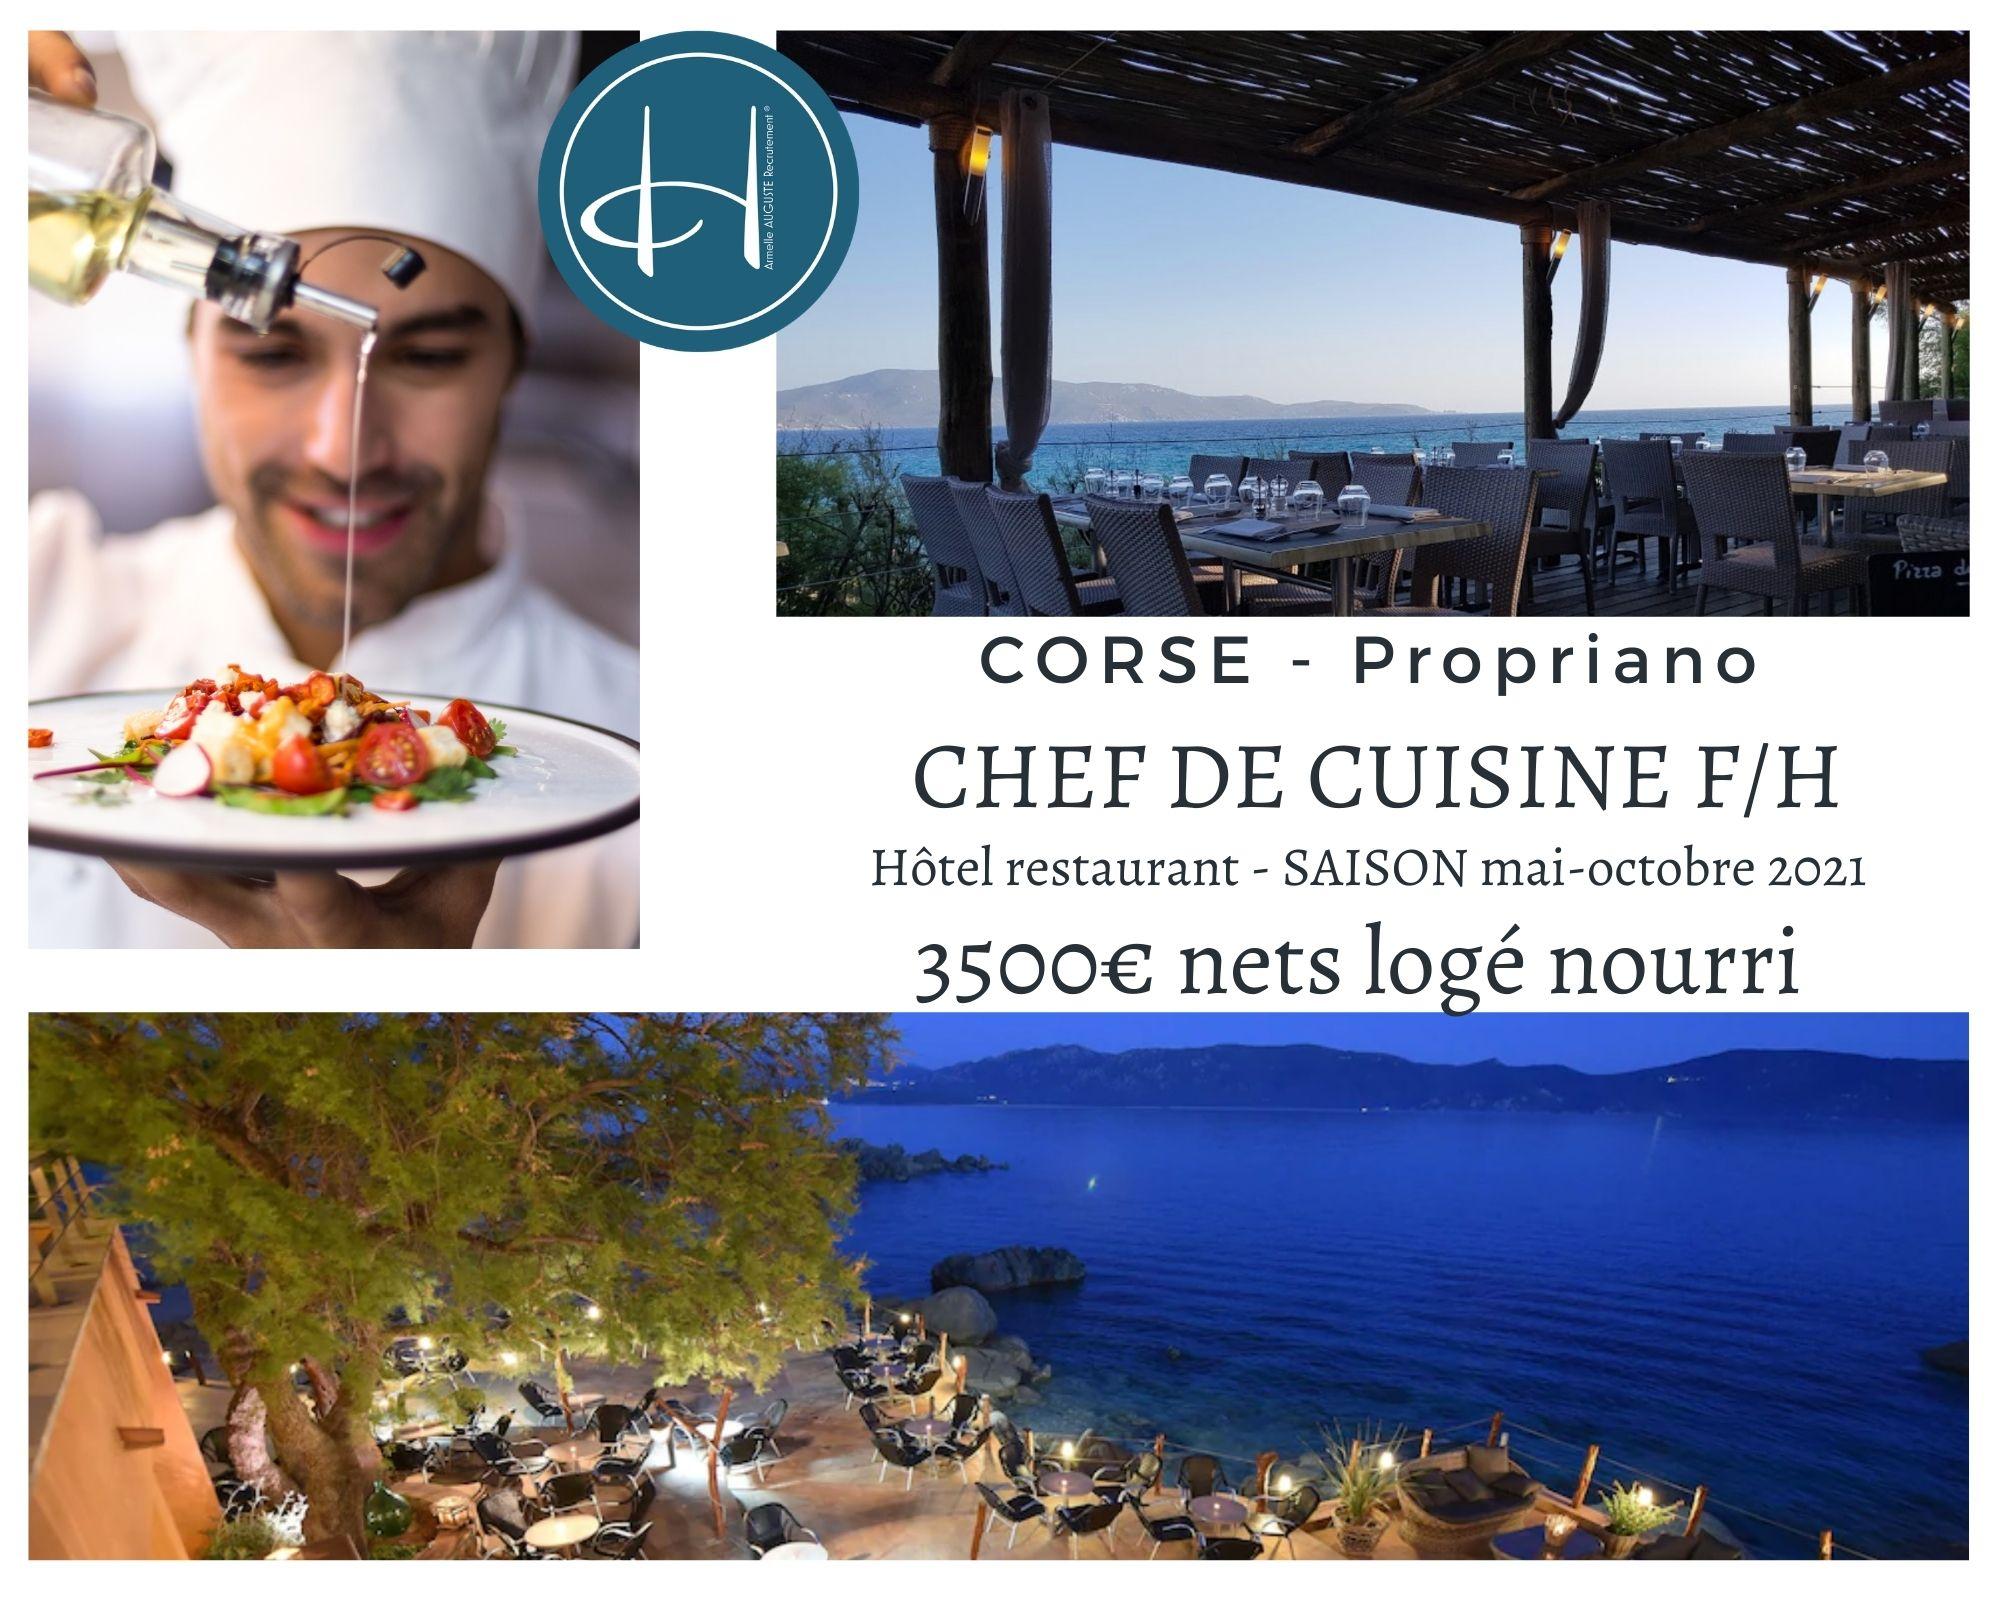 Recrutement: Chef de cuisine saison été 2021 en Corse à Propriano F/H chez Armelle AUGUSTE Recrutement® à Propriano